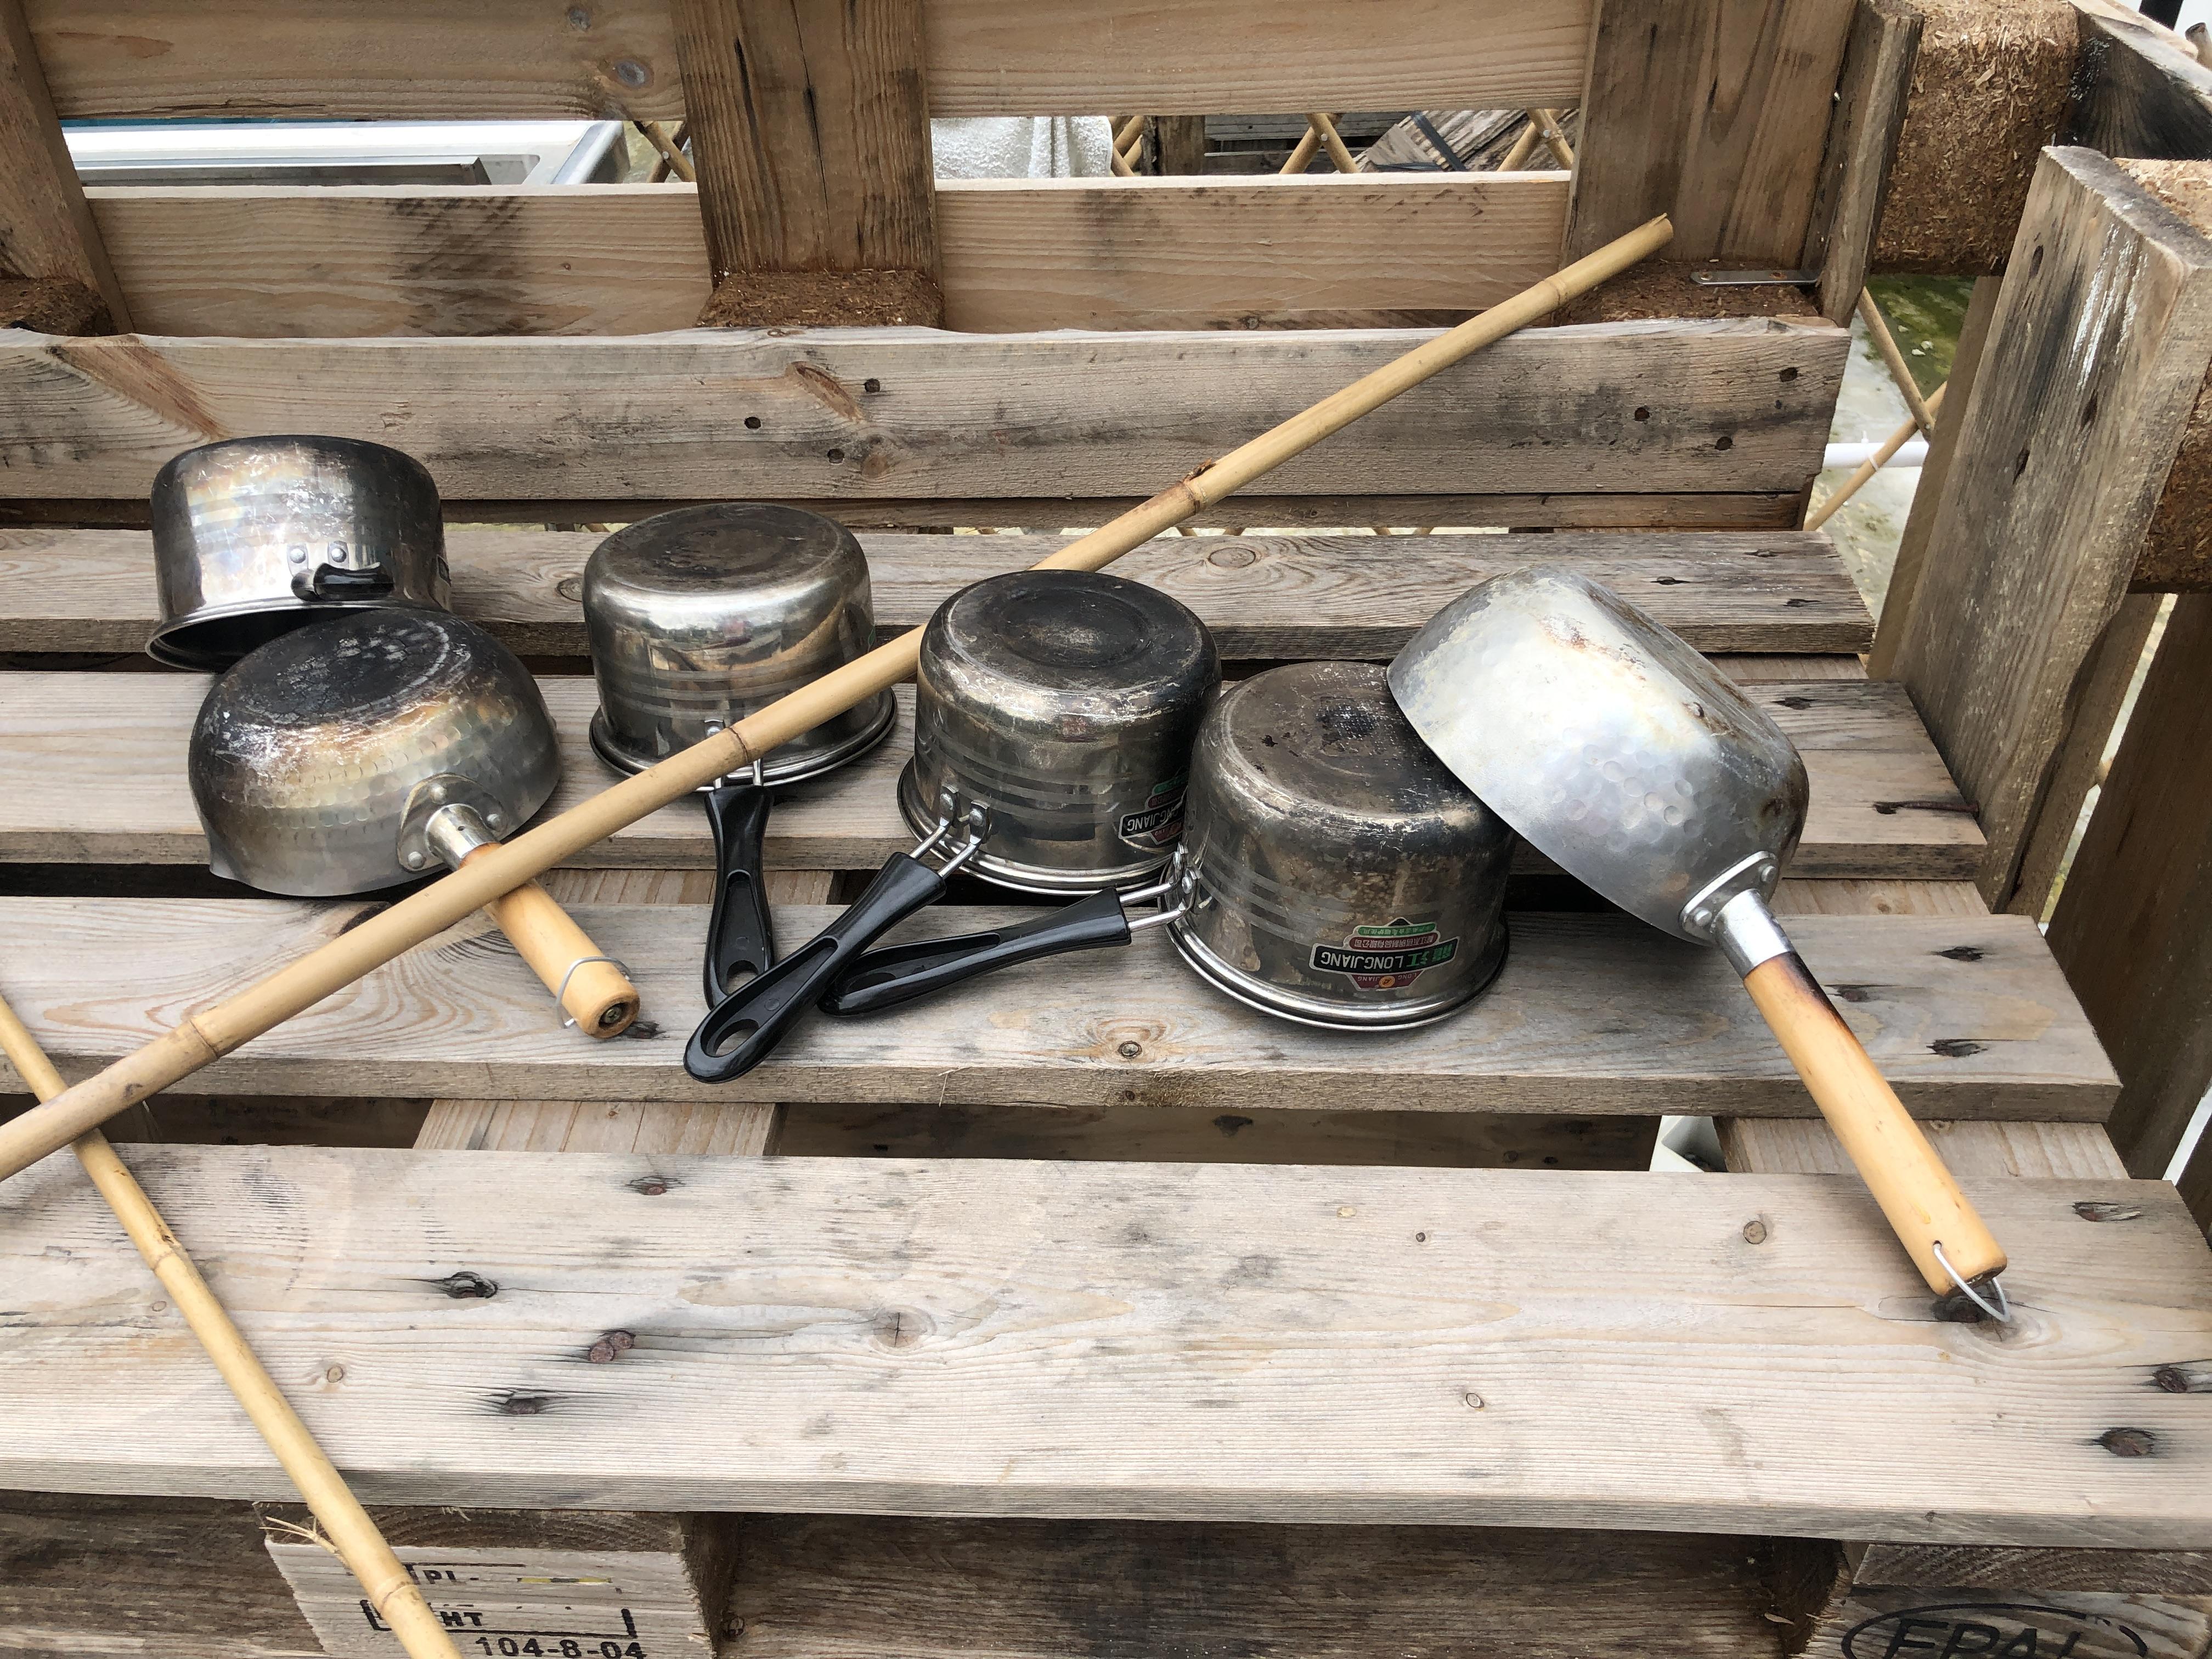 戶外煮食工具